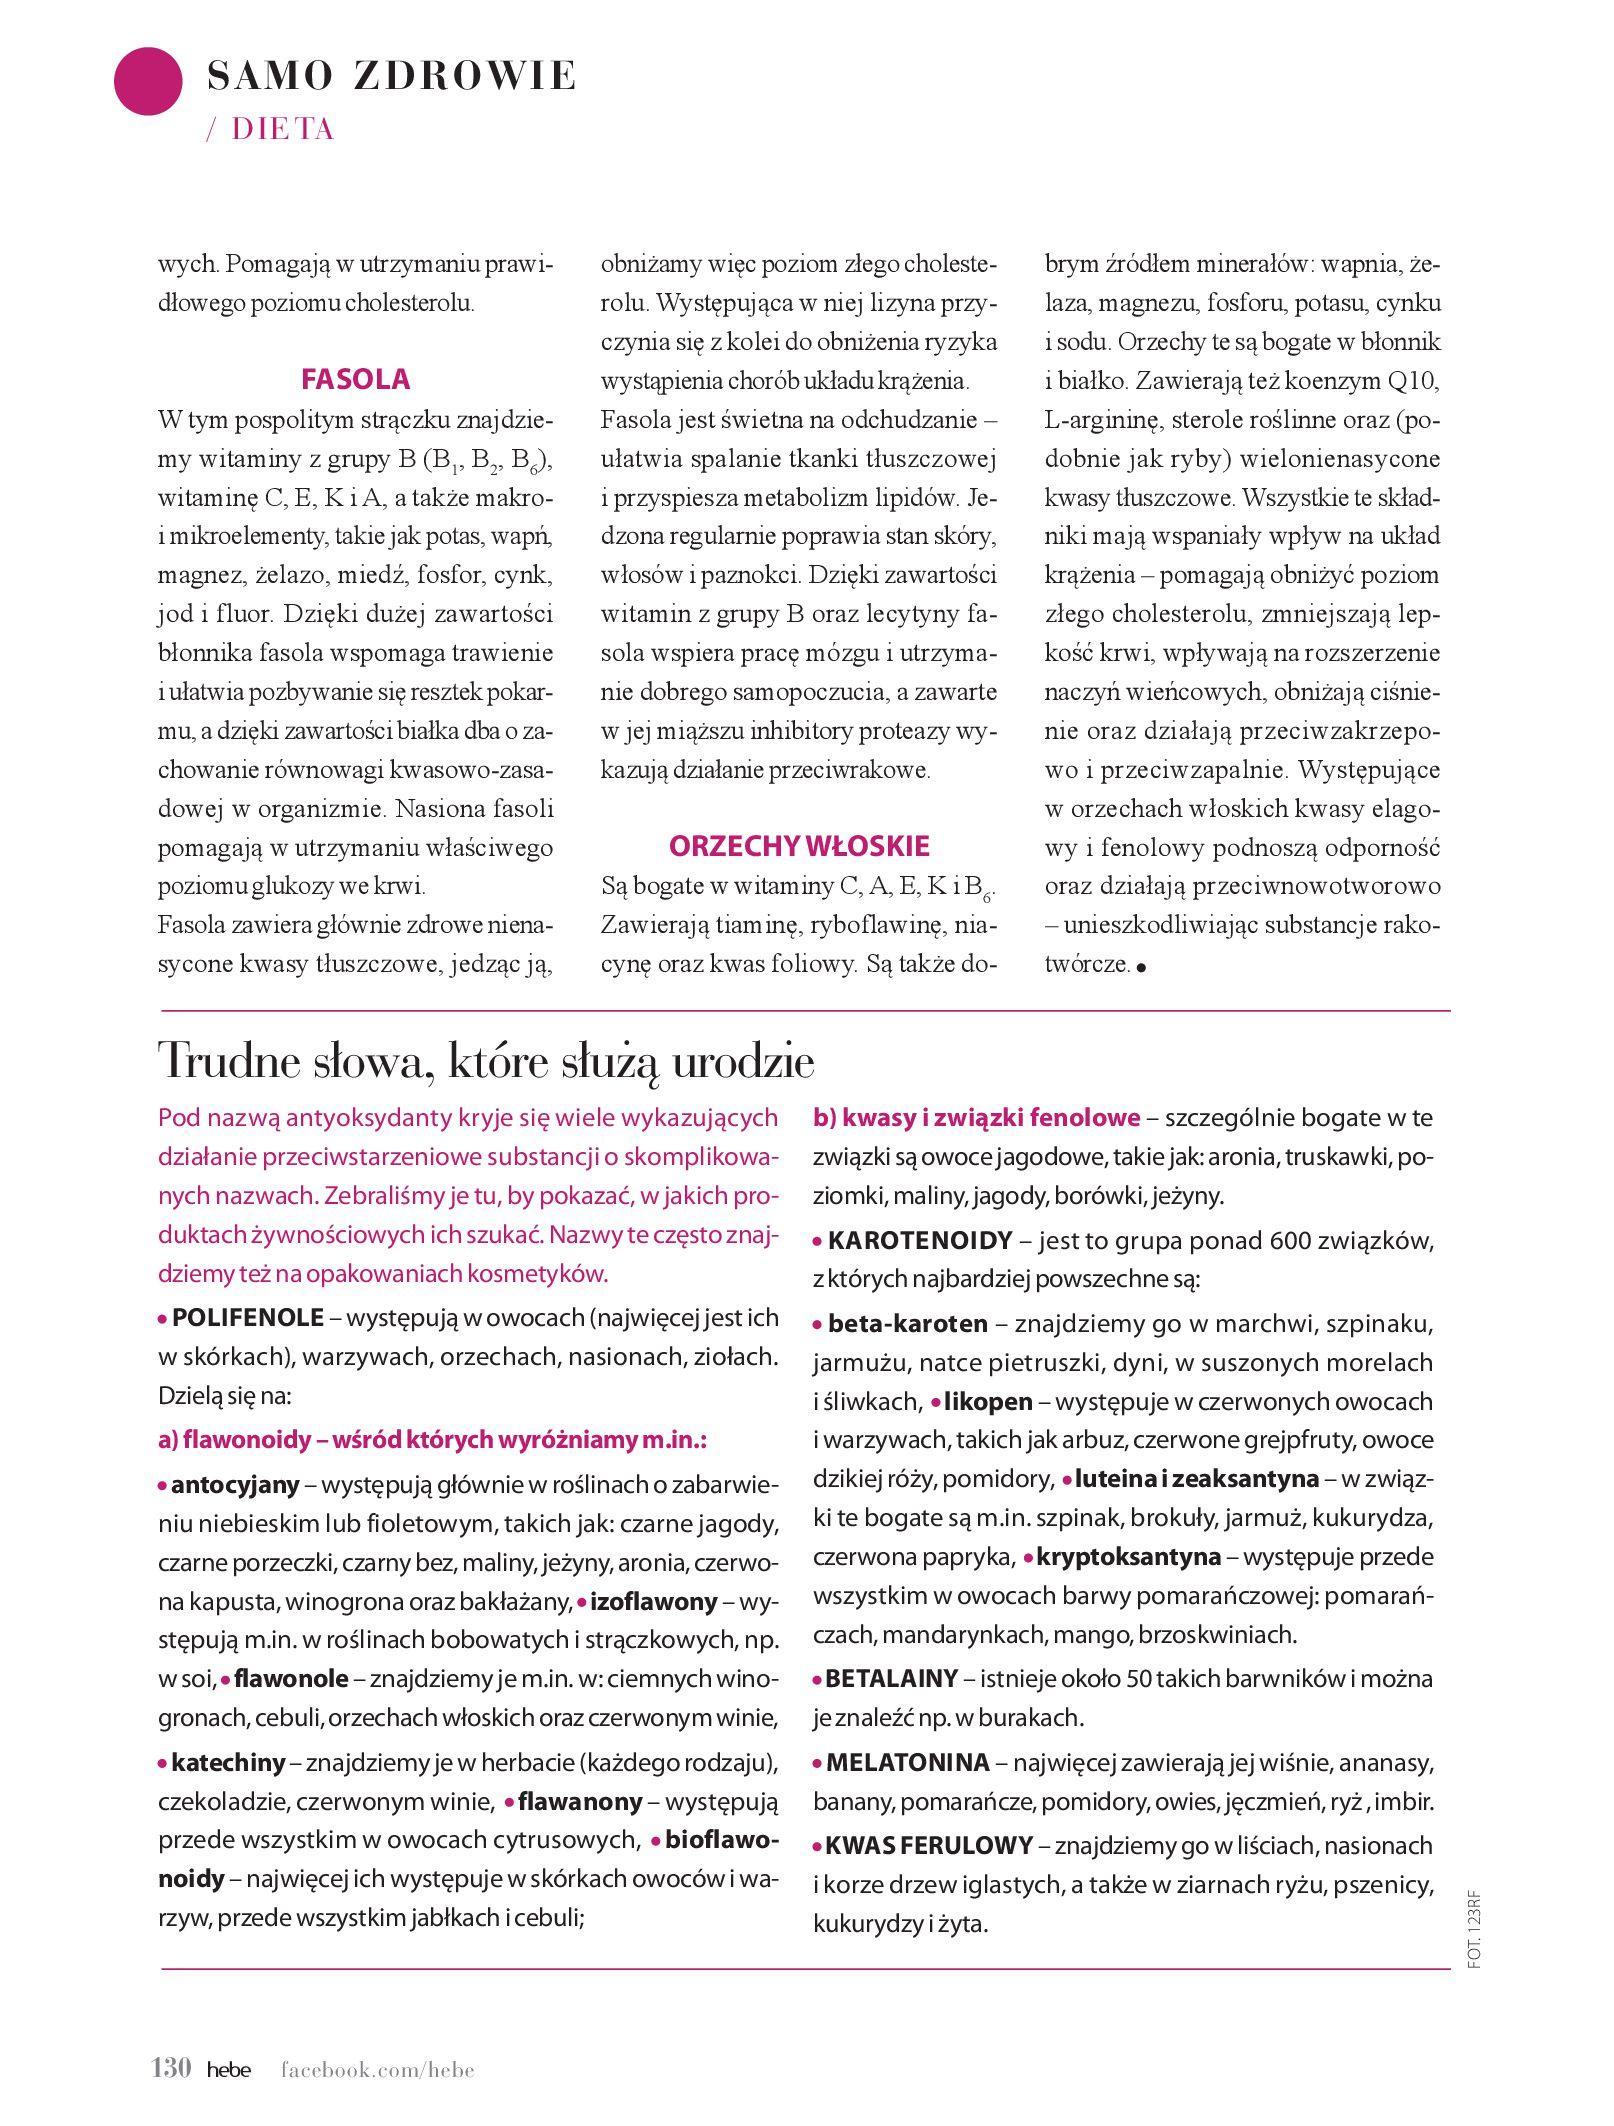 Gazetka hebe: Magazyn hebe - TURBO nawilżanie po urlopie 2021-09-01 page-130